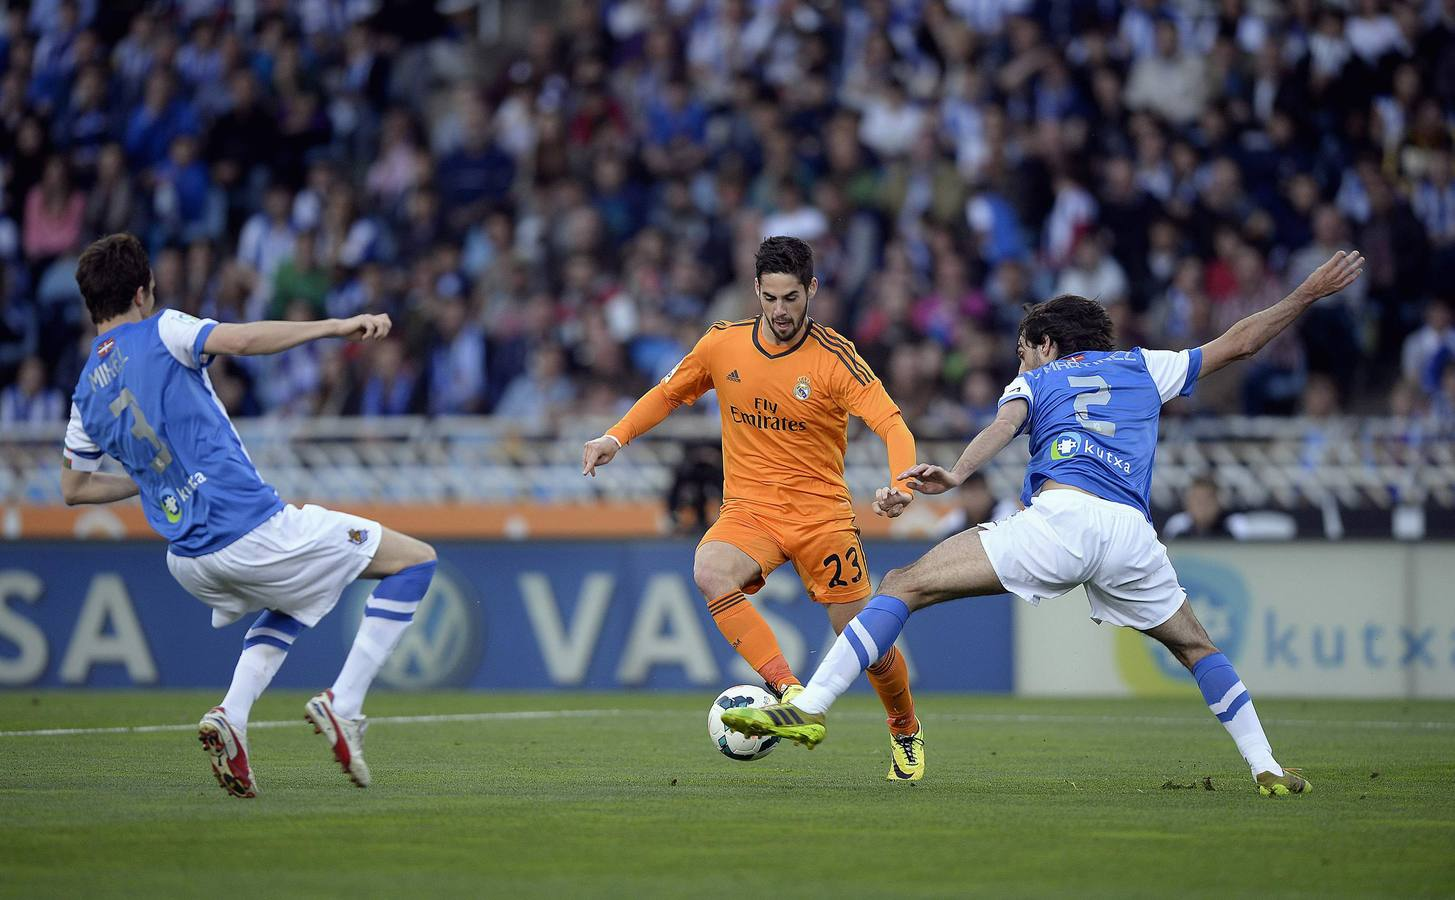 Las mejores imágenes del partido entre la Real y el Real Madrid